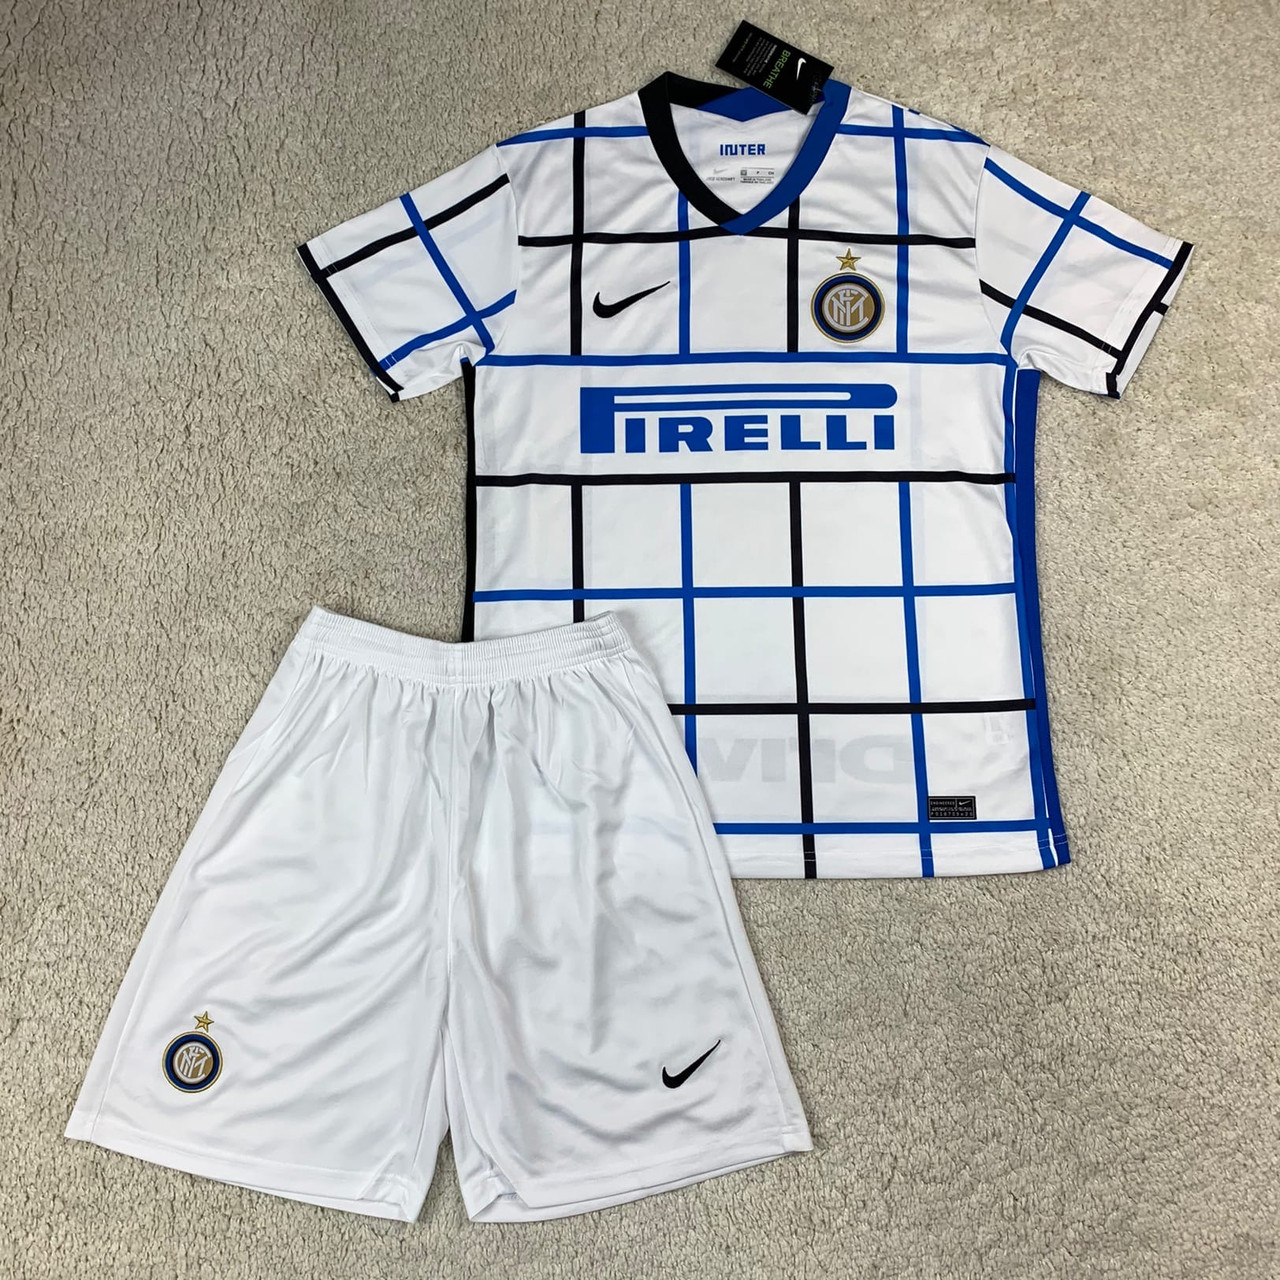 Футбольная форма Интер выездная сезон 2020-2021